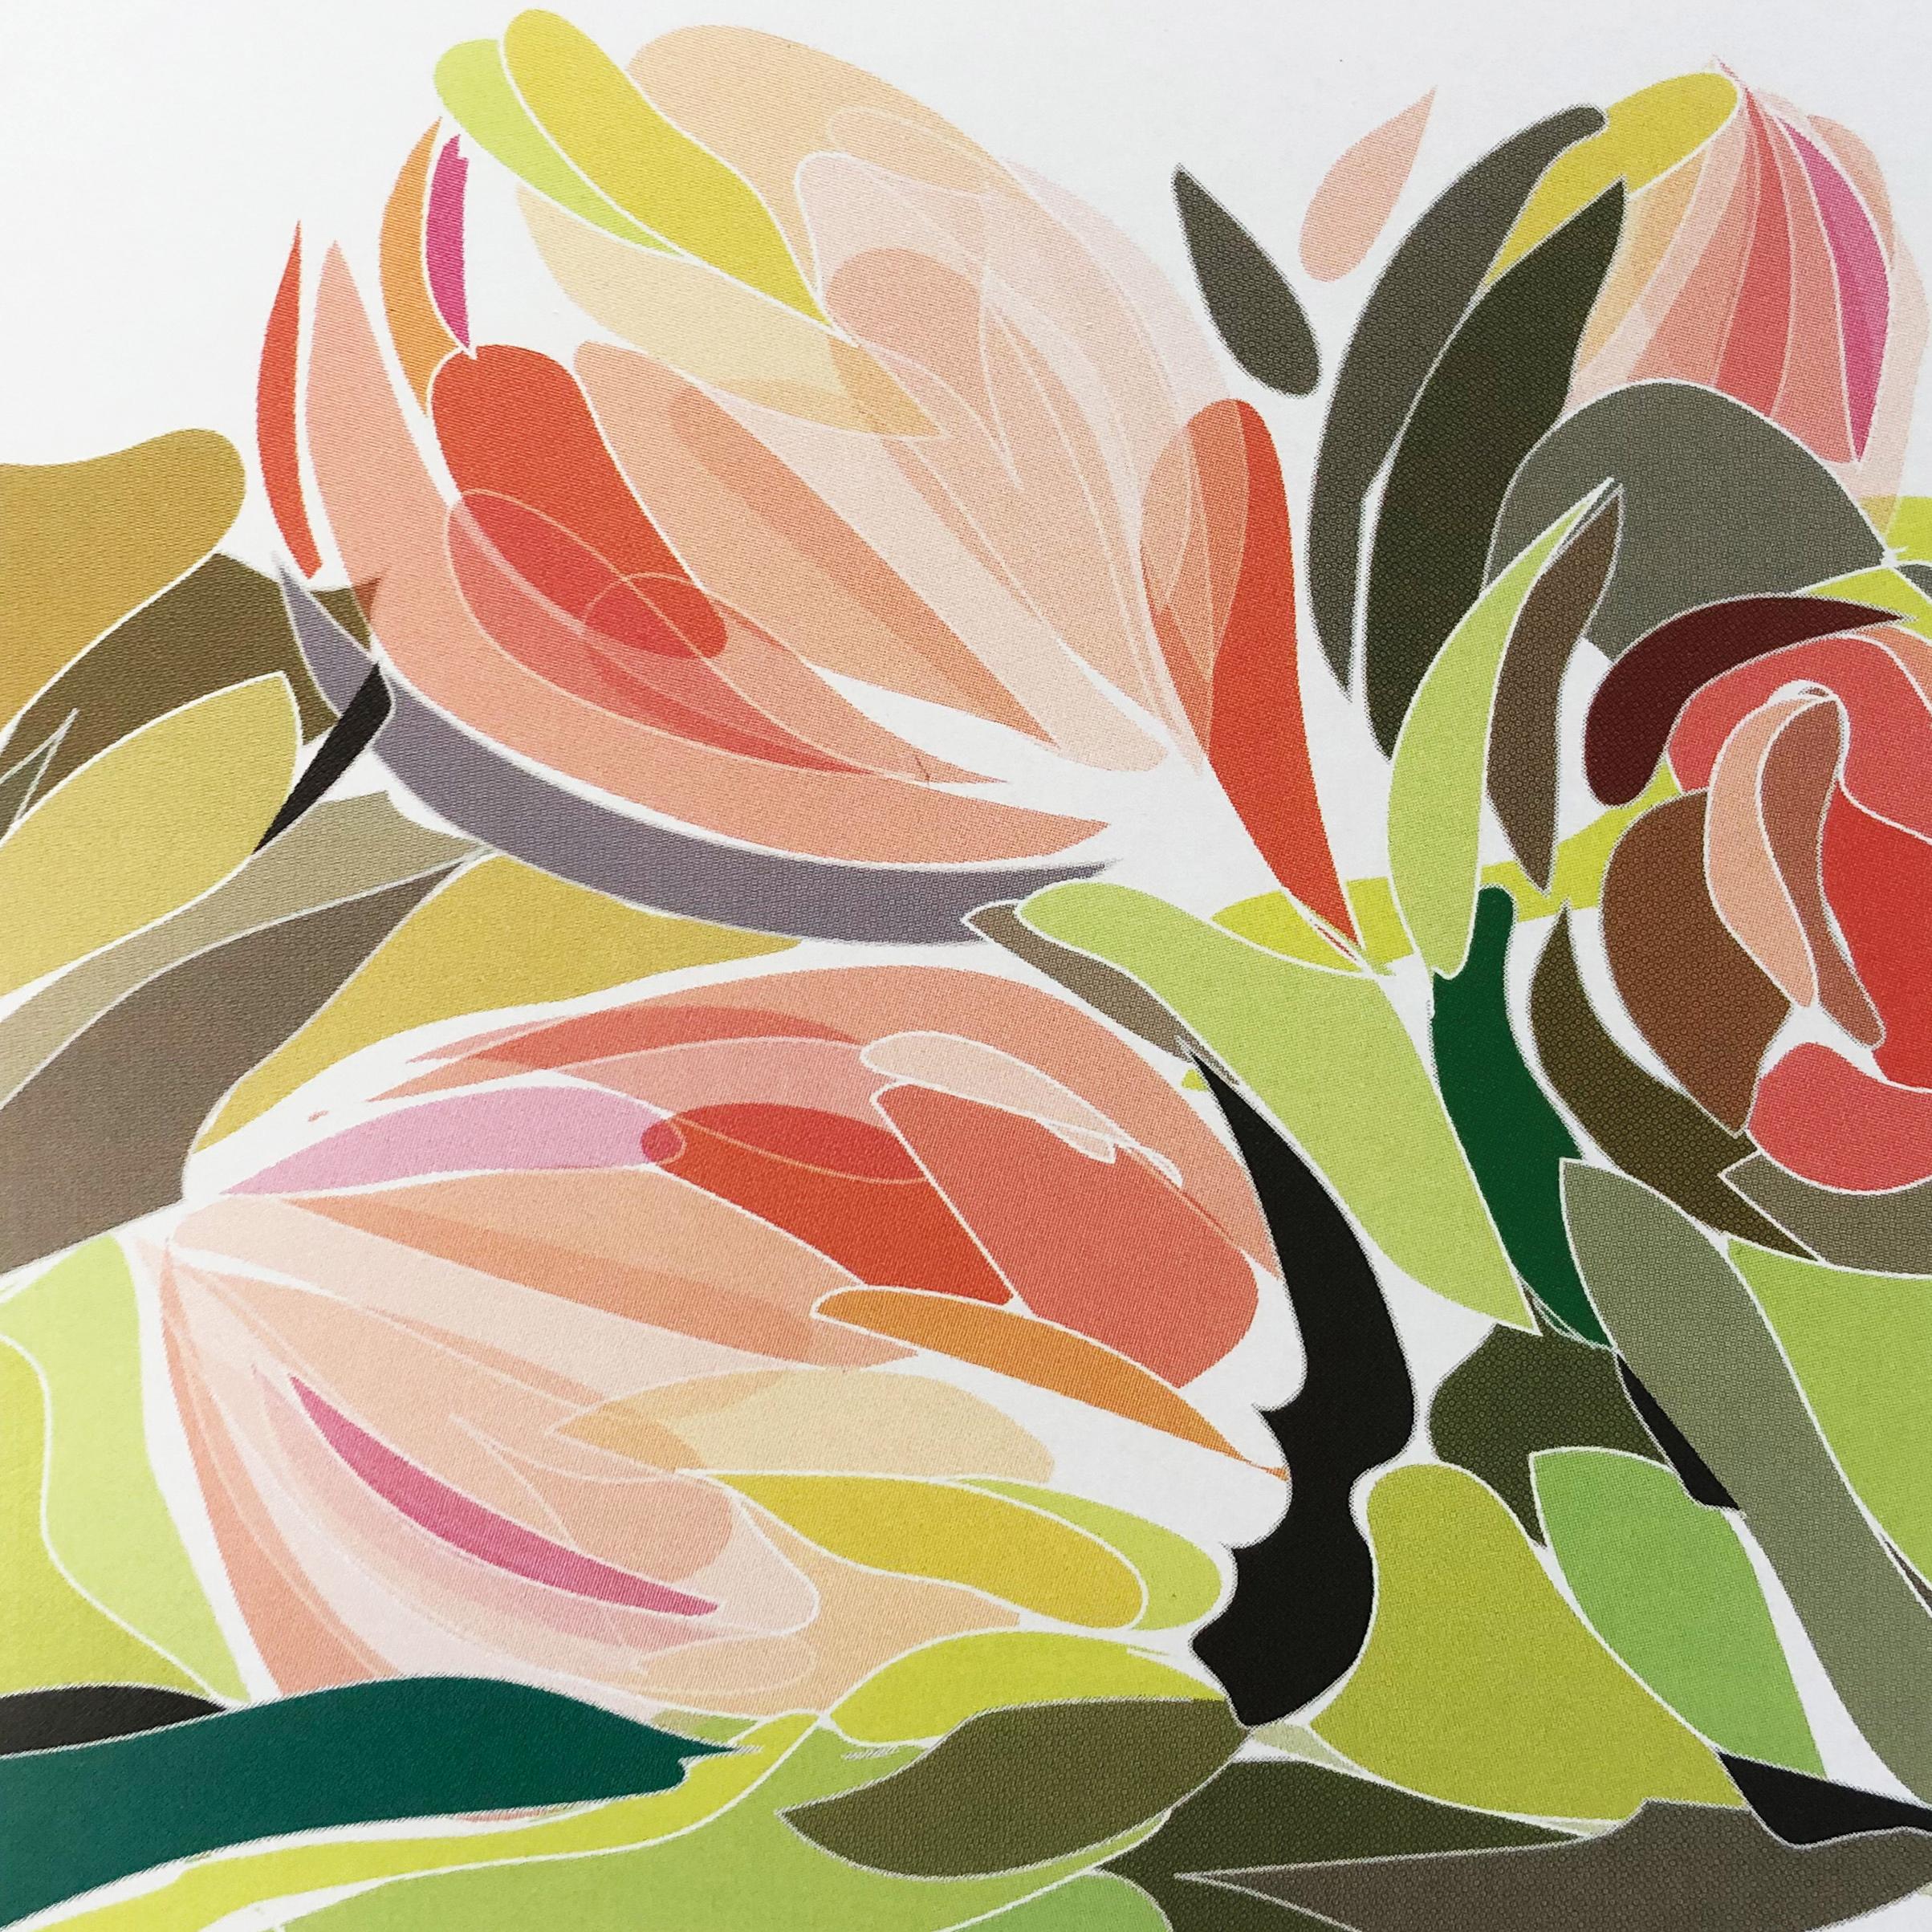 Tulip Fantasy 25x25 cm